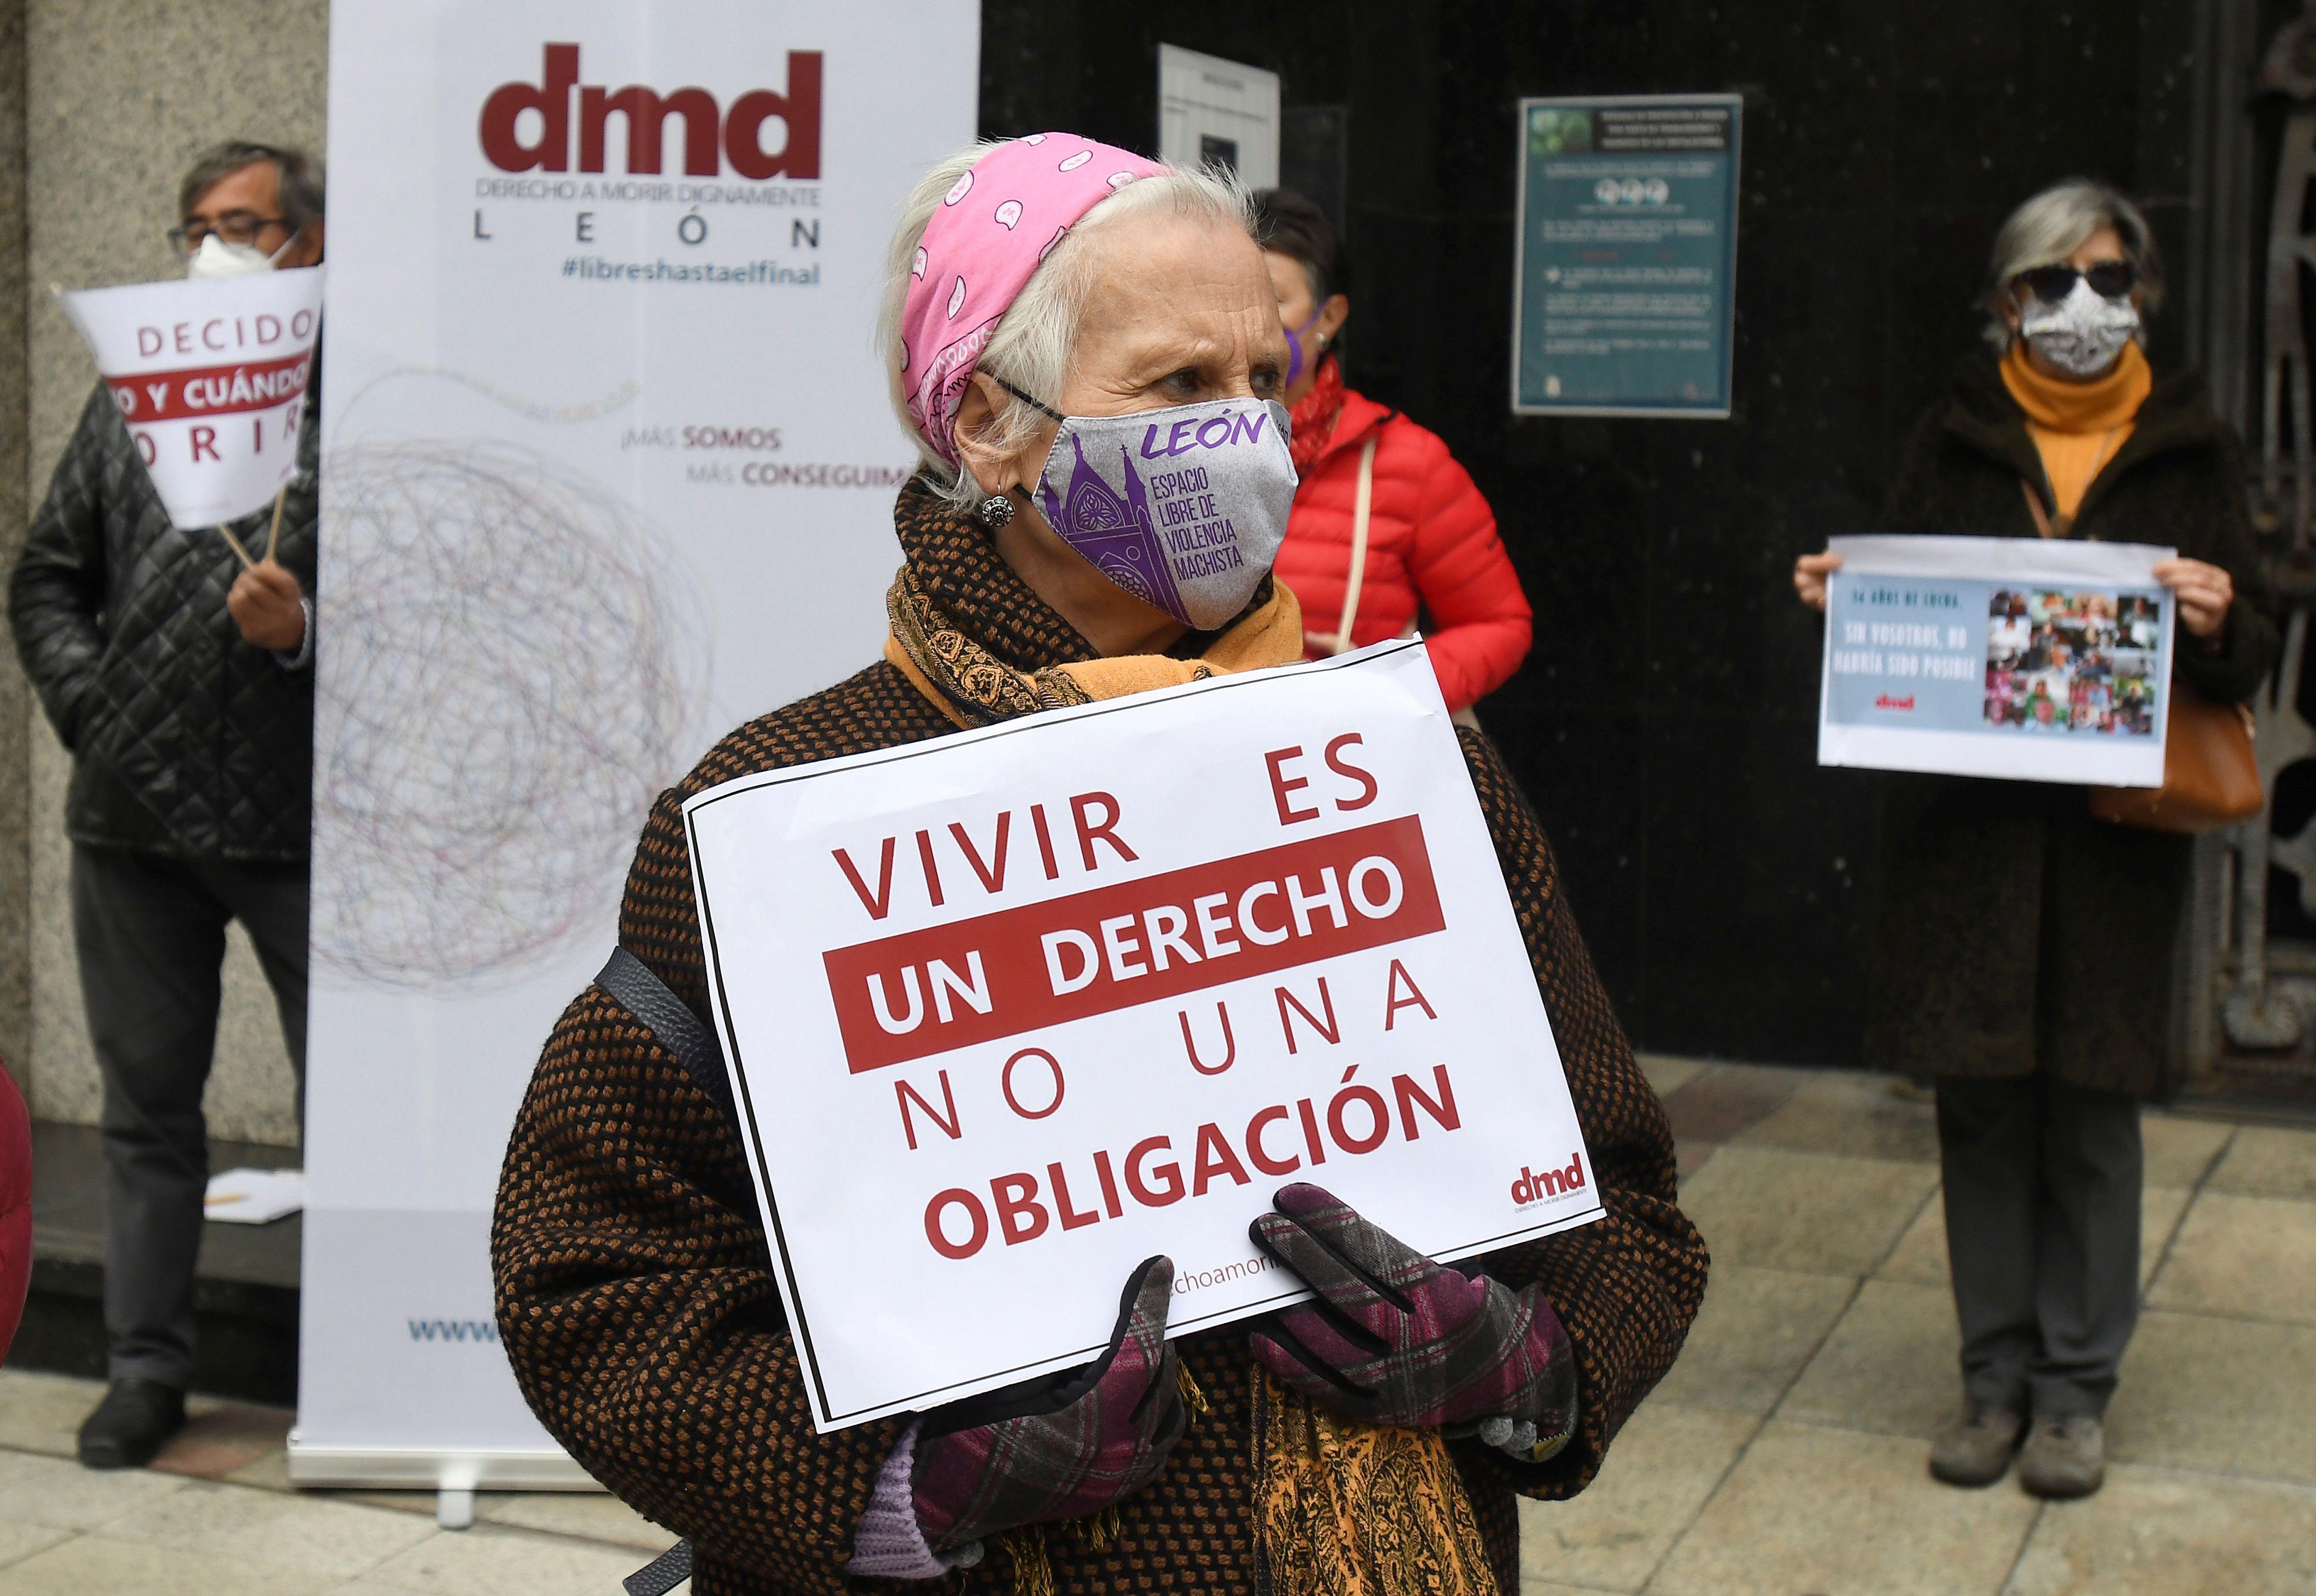 Concentración ante el ayuntamiento de León en apoyo a la Ley de Eutanasia